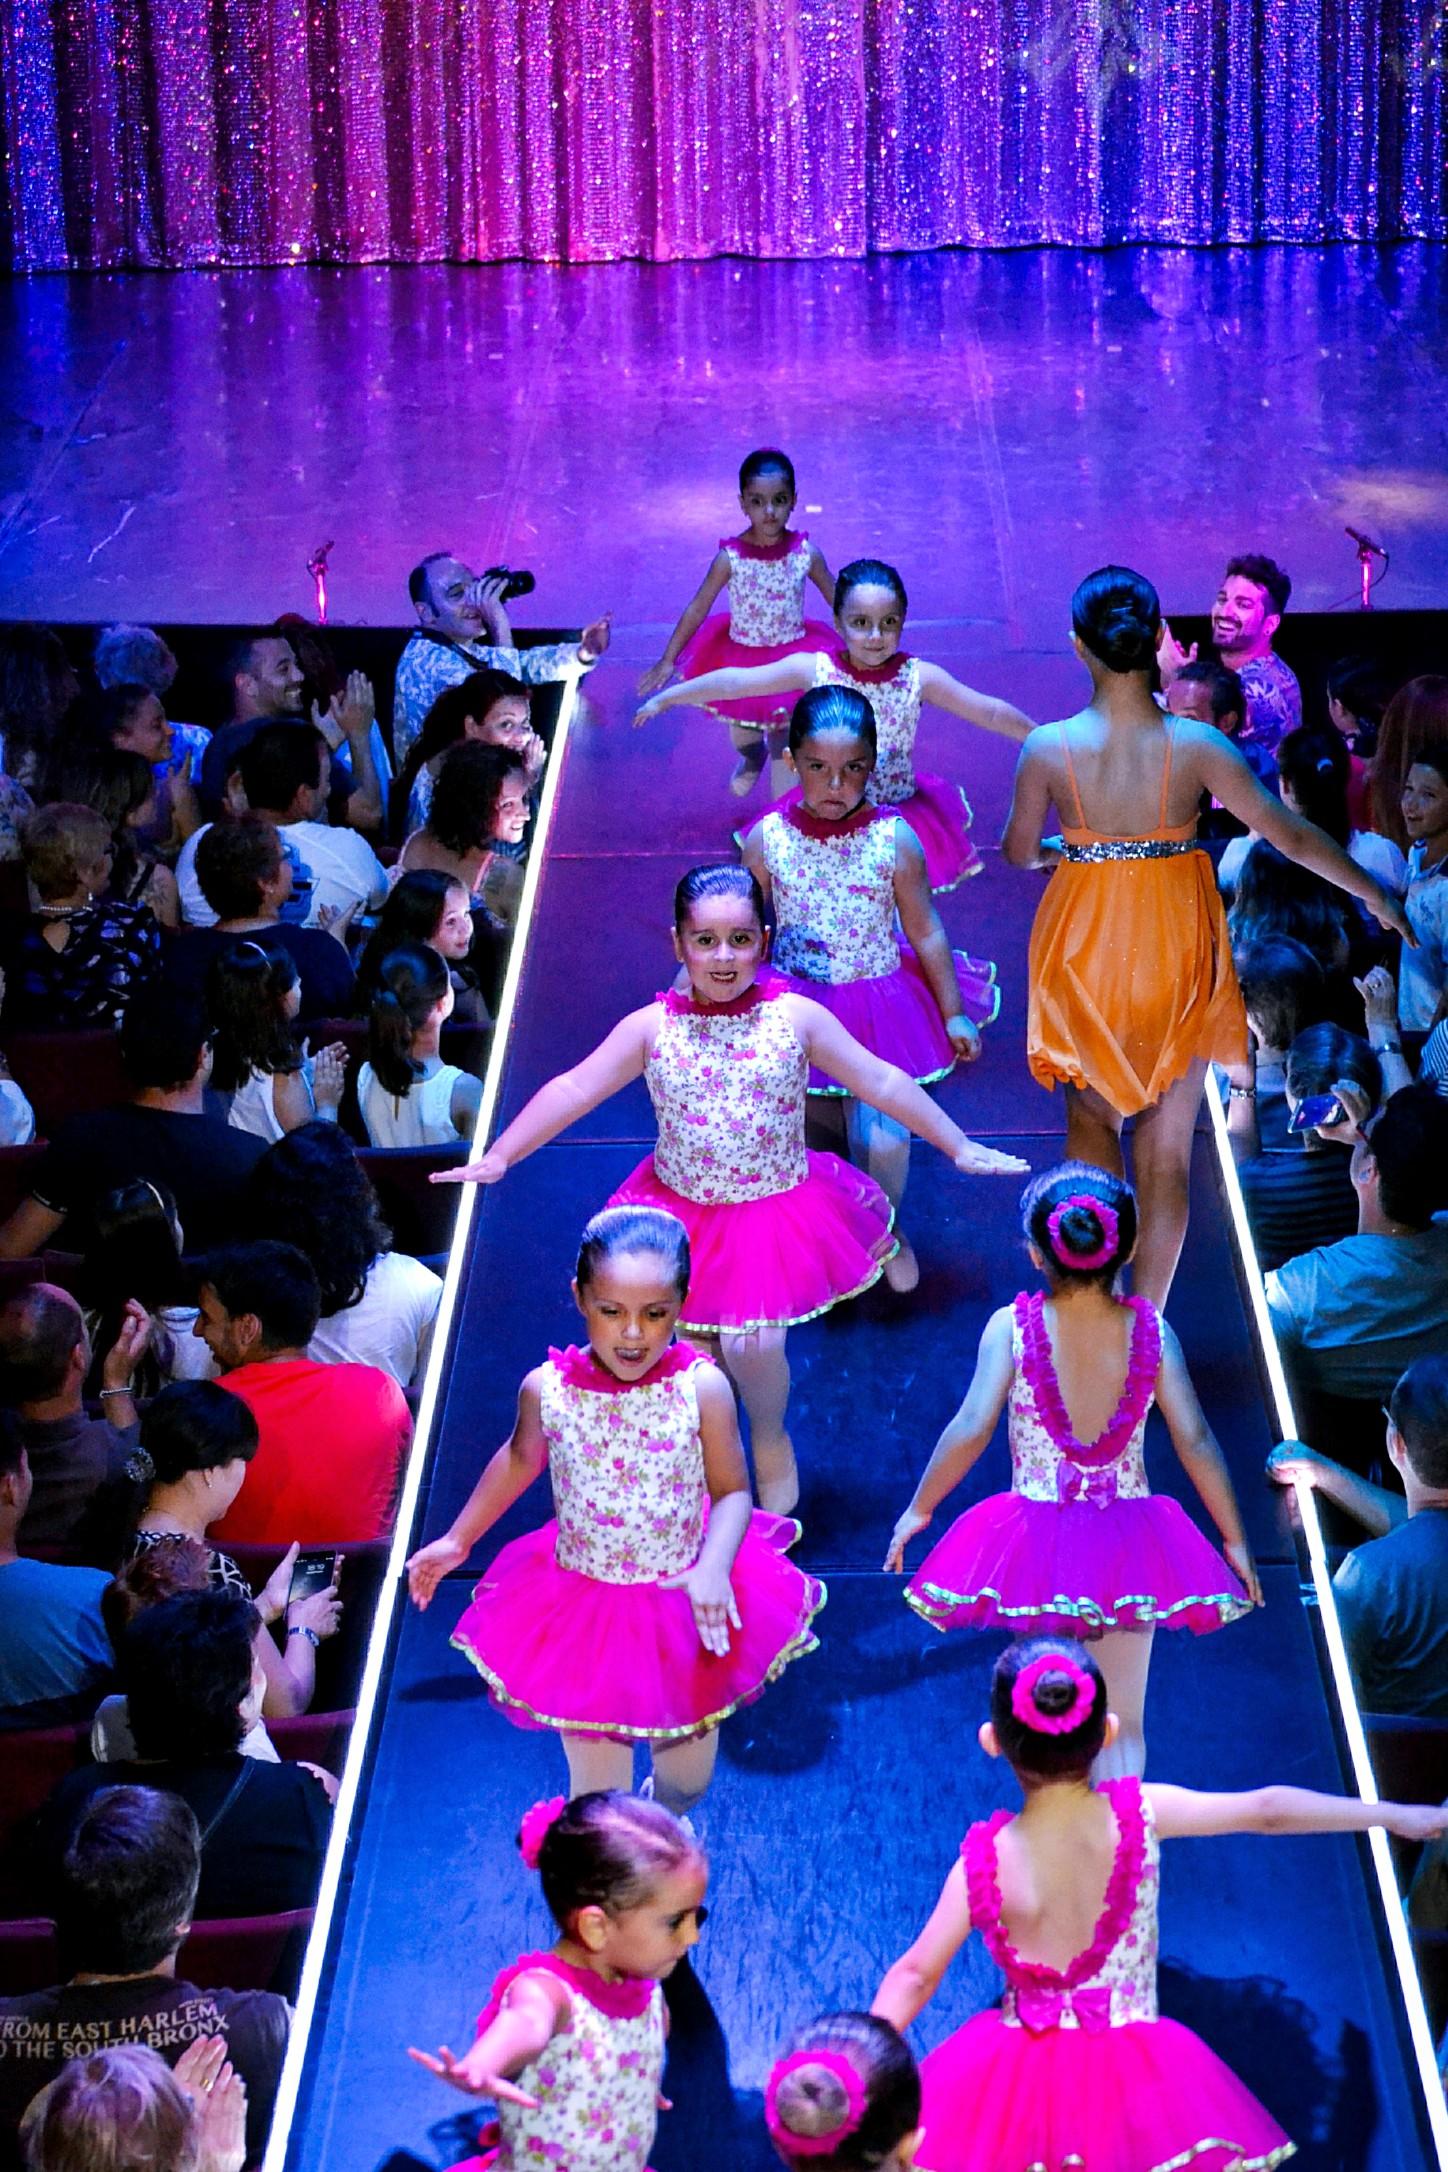 Linea-de-Baile-festival-verano-2015-clases-de-baile-valencia-21